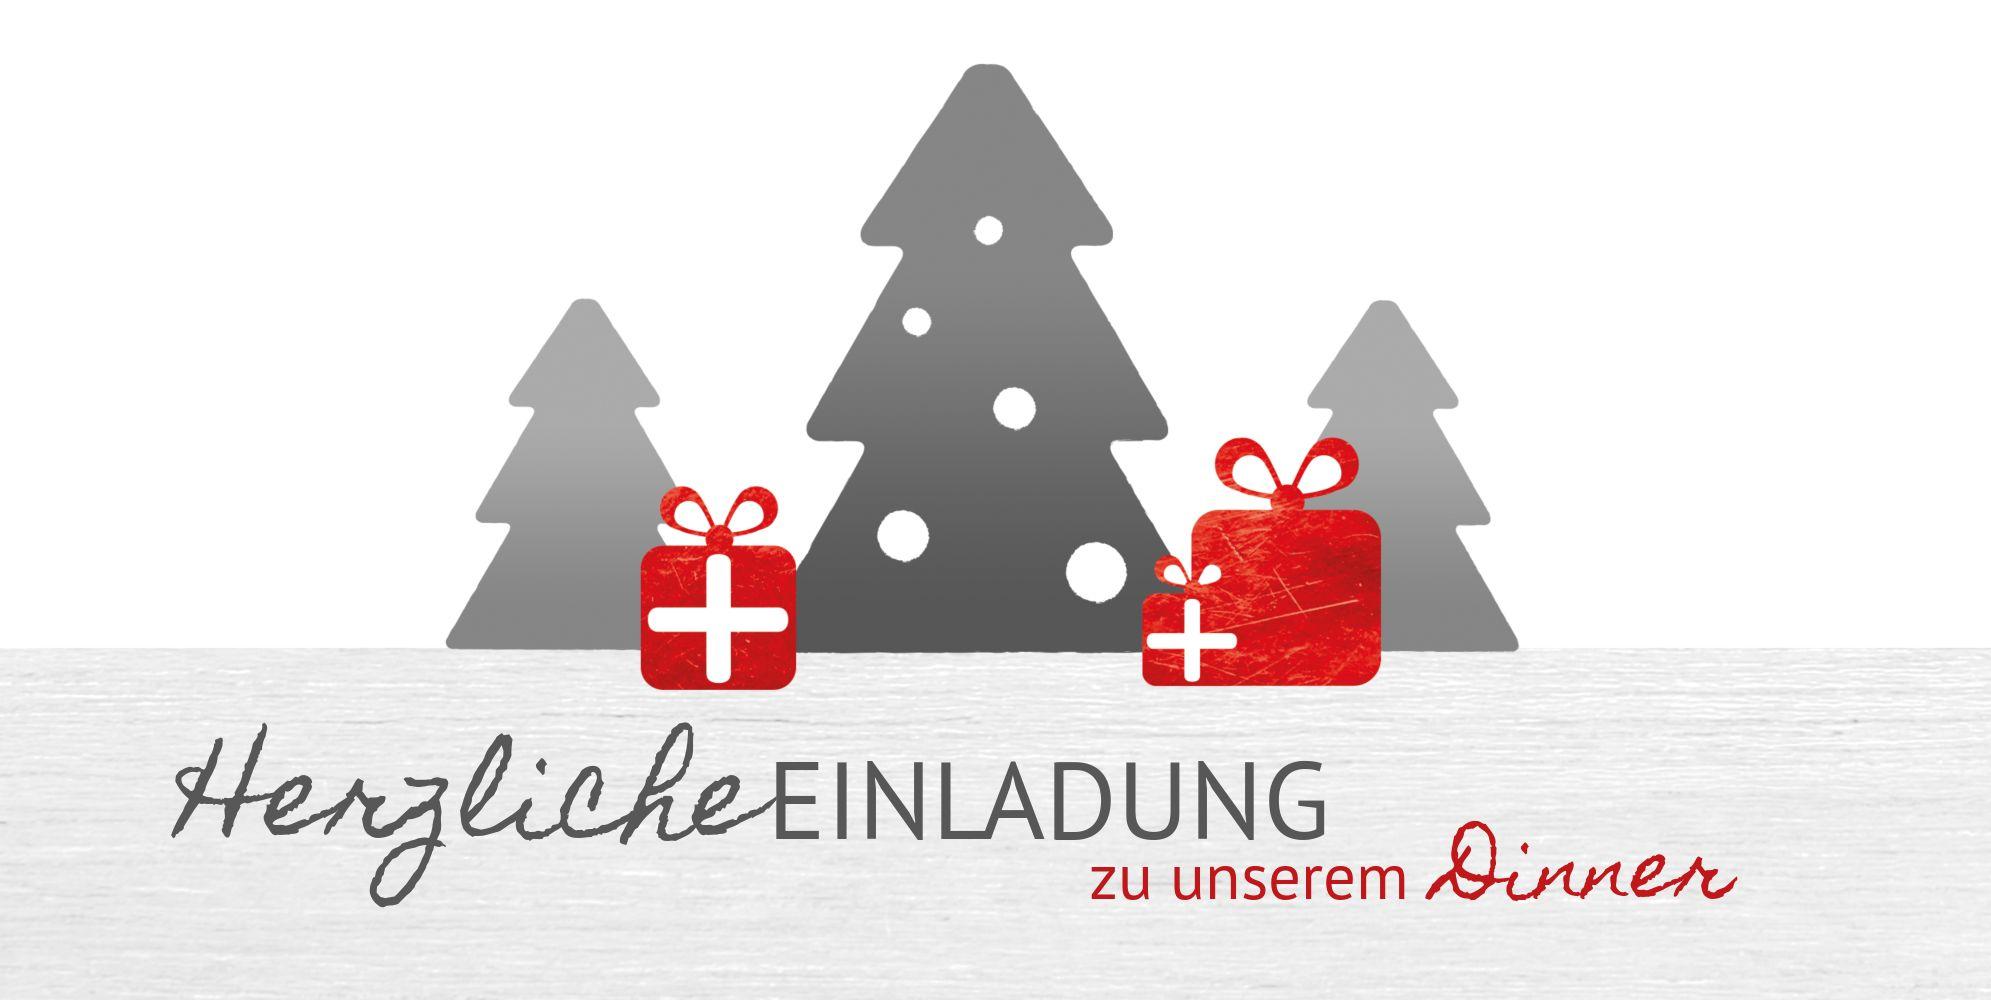 Ansicht 3 - Weihnachtseinladung Geschenkebaum